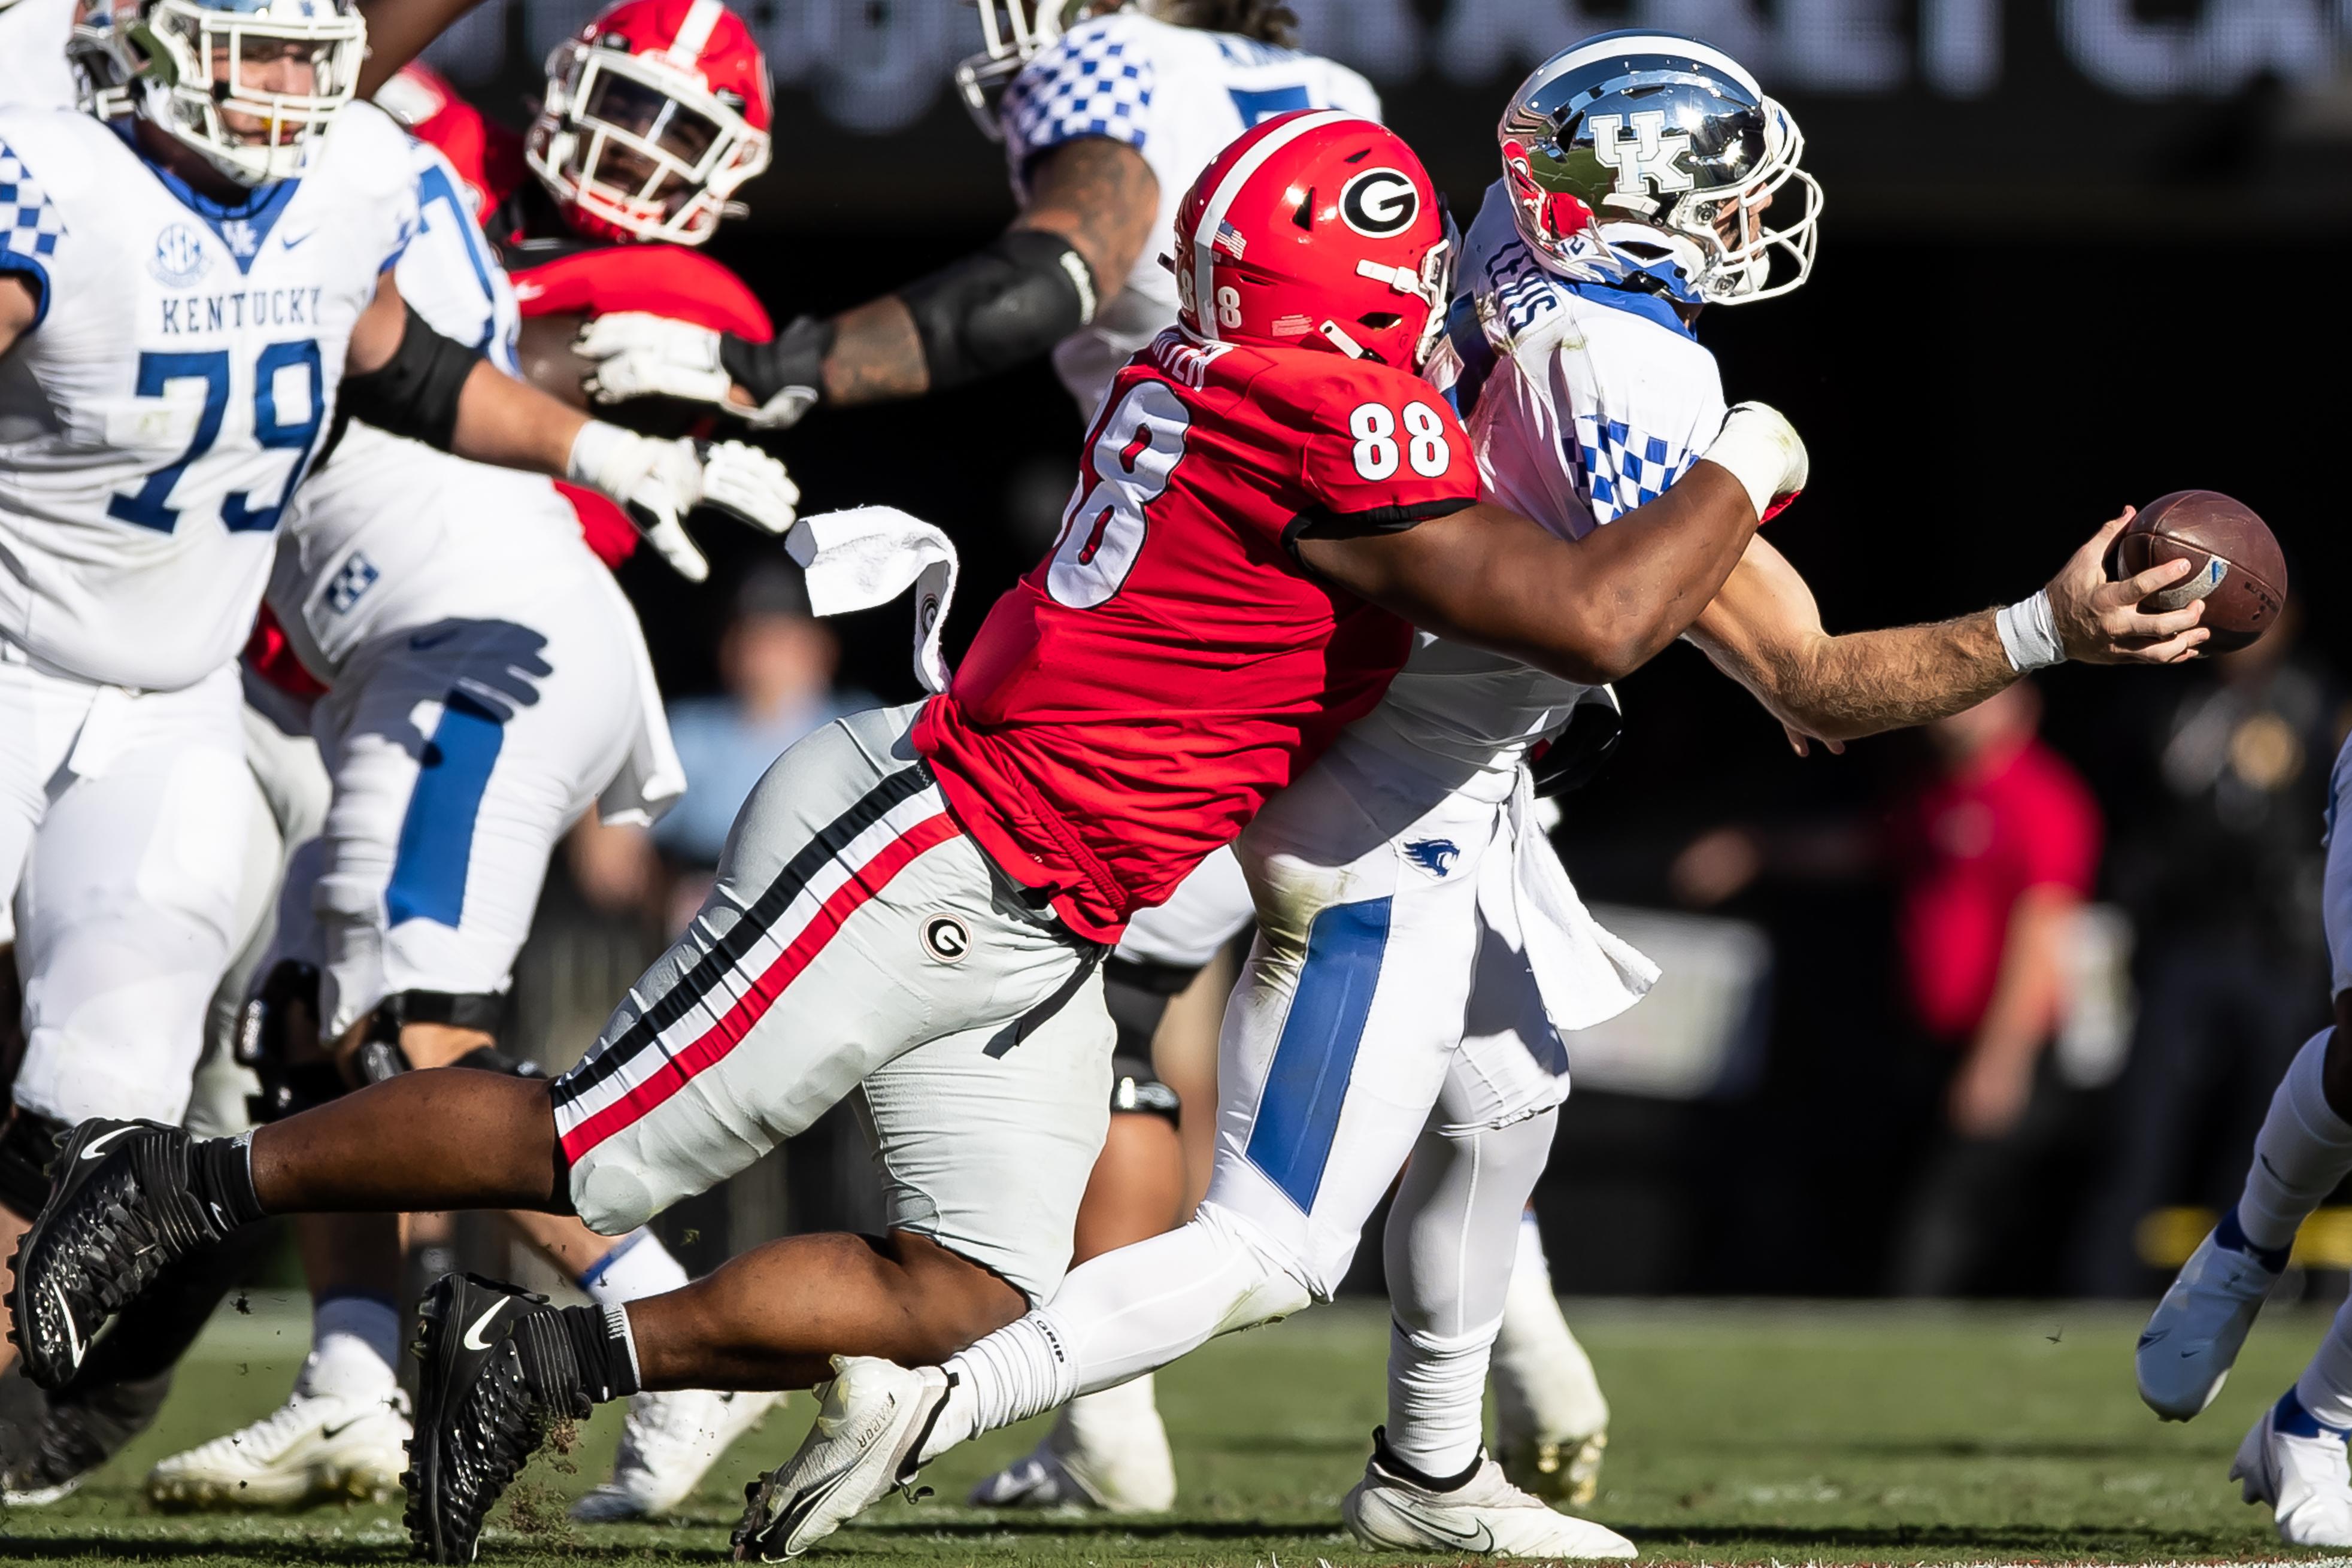 Kentucky Wildcats v Georgia Bulldogs